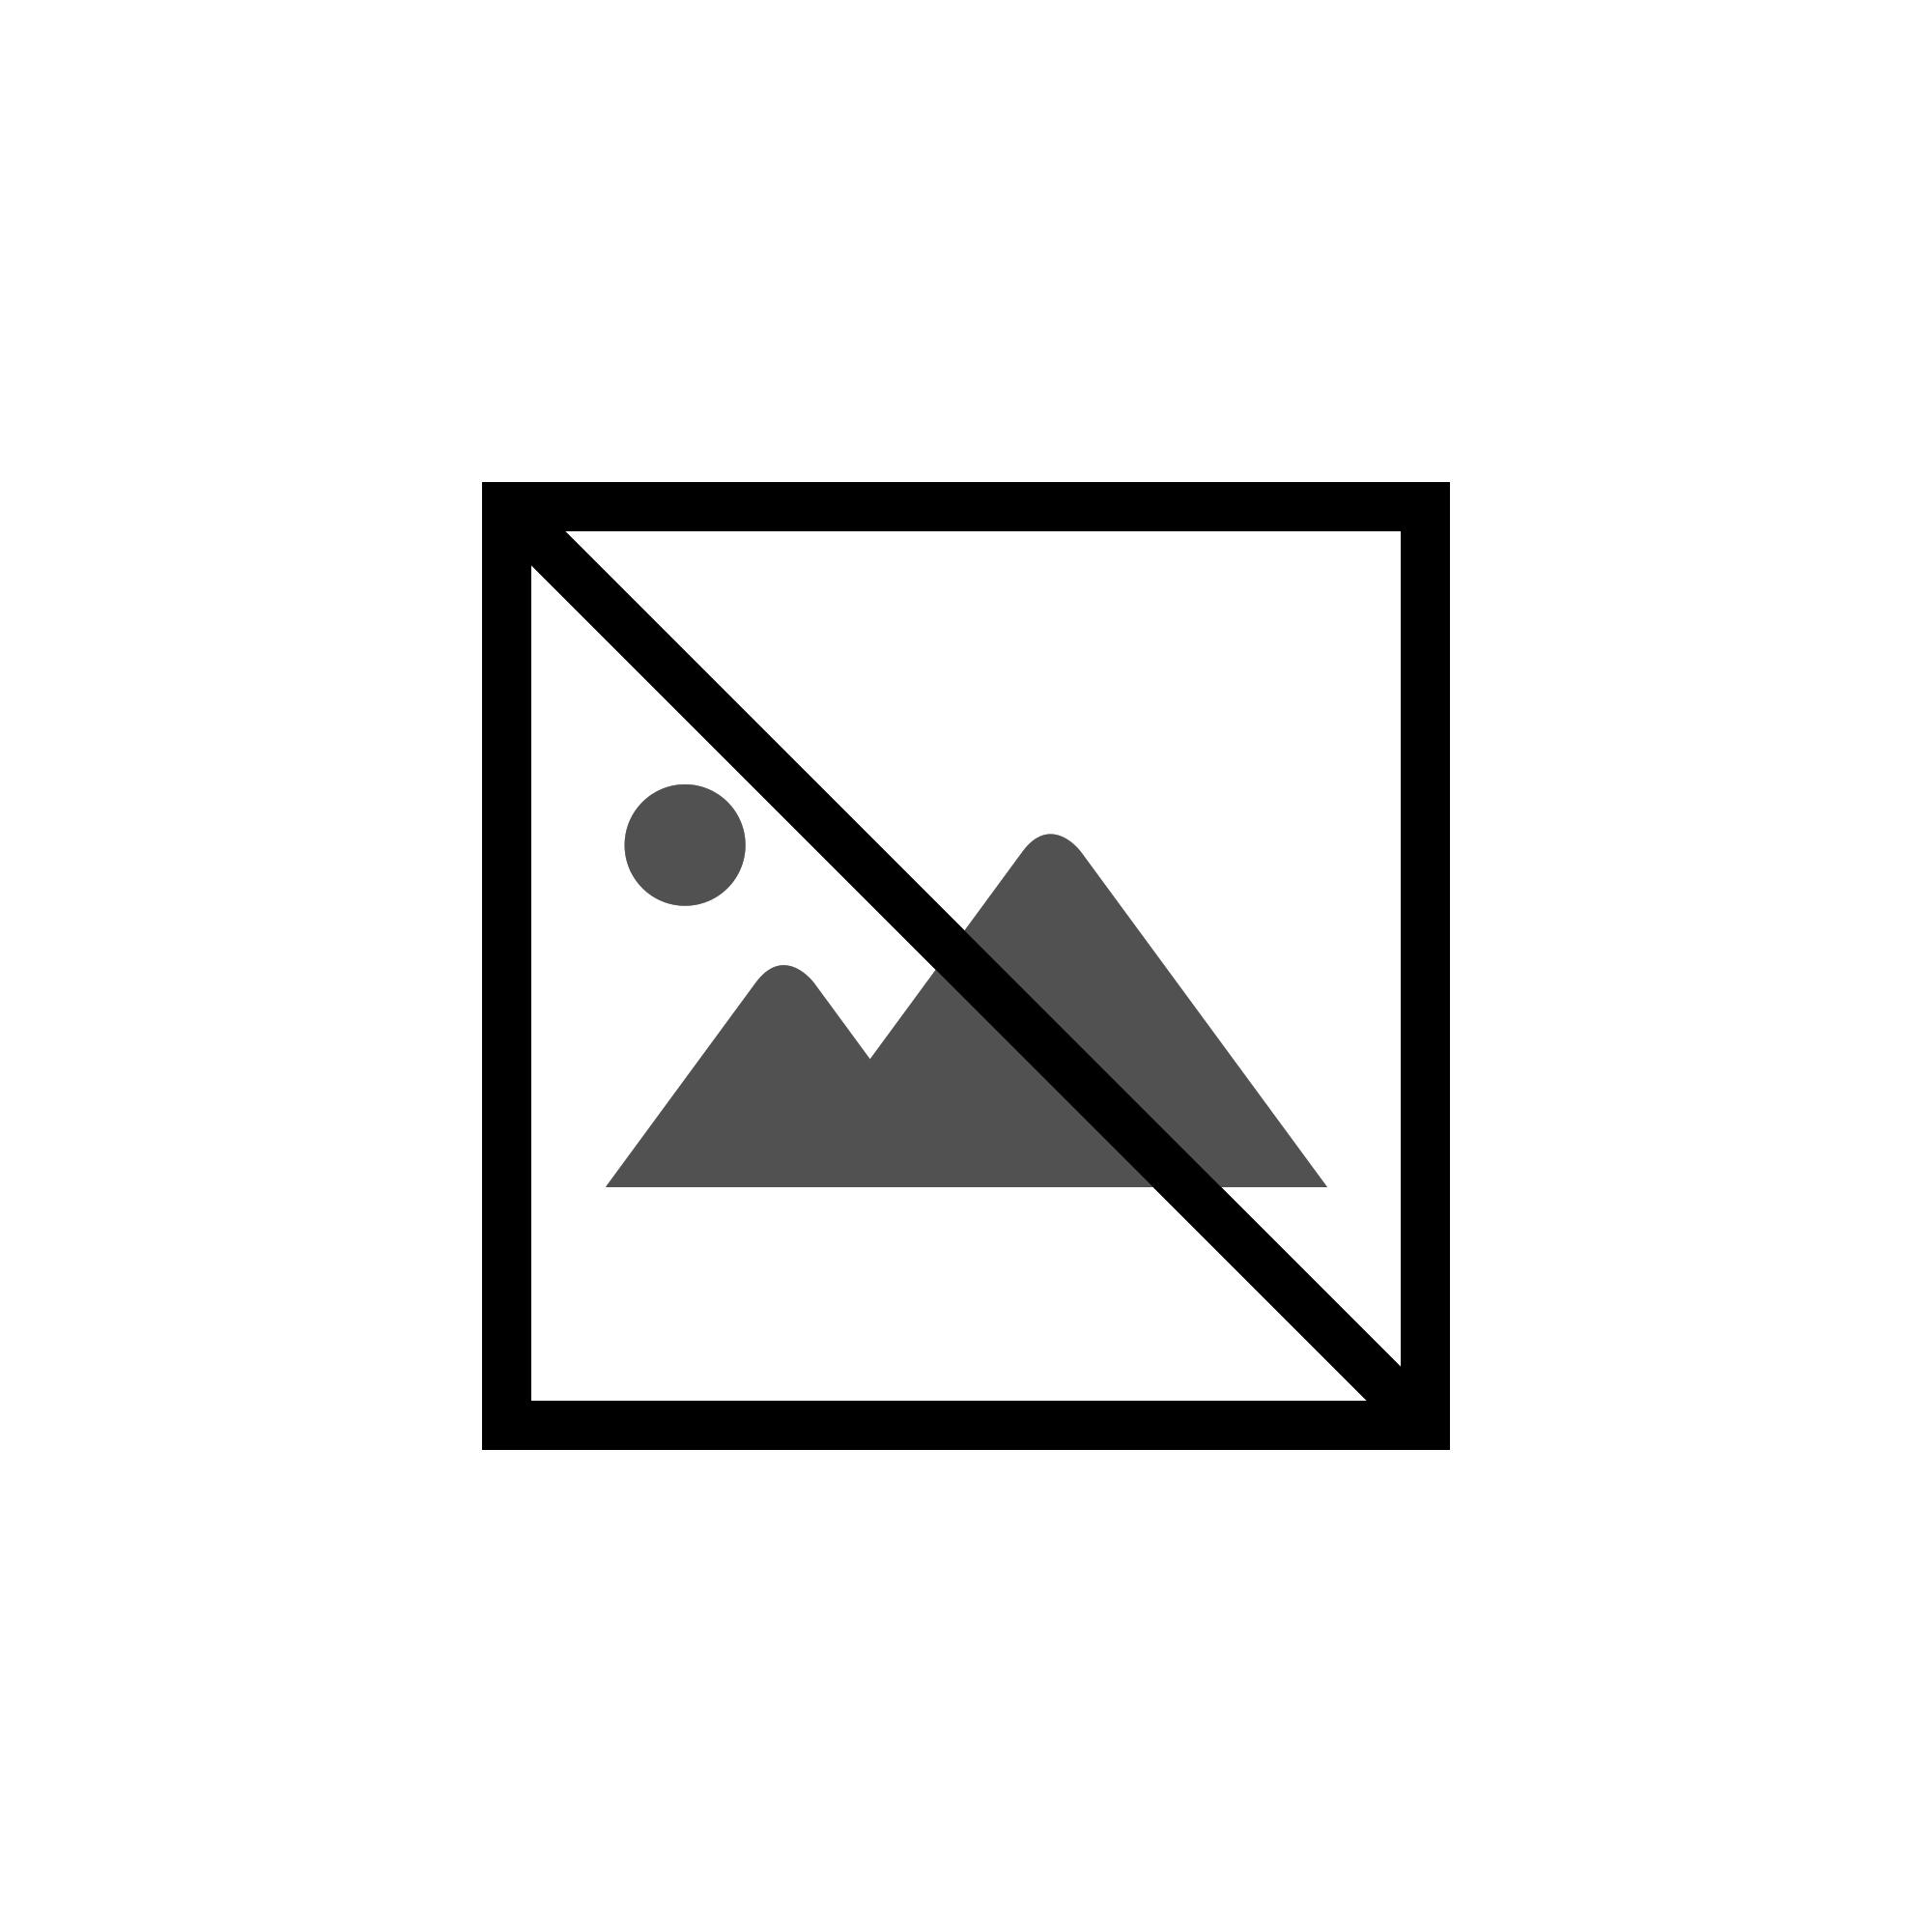 TROFARSER - Construções Metalicas, Lda